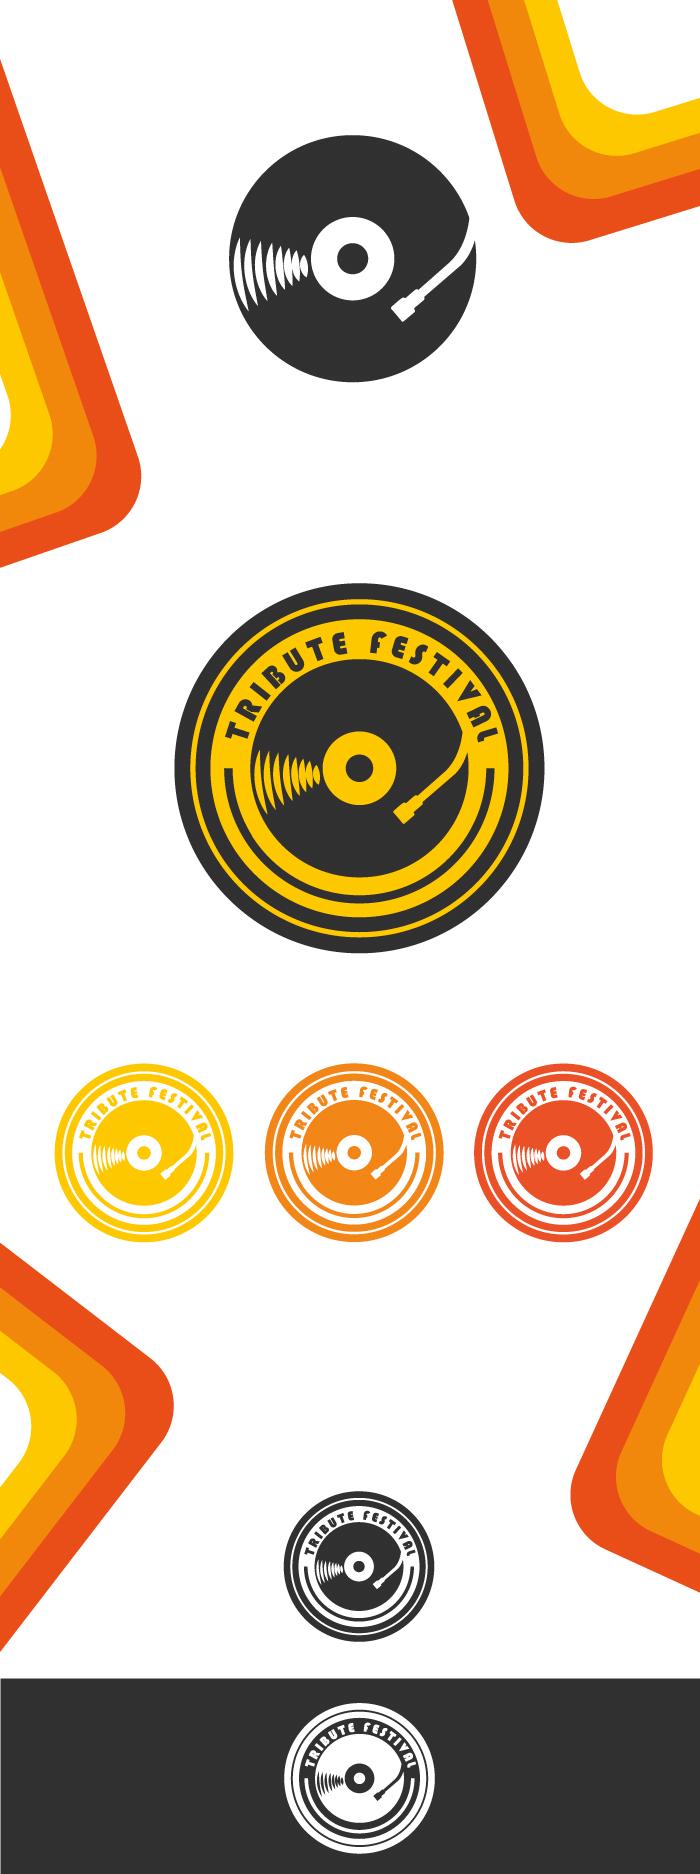 Tribute Music Fest - Logo, diana petrarca,graphic design, grafica, logo, musica, trubuto, festival, grafica, giallo, vinile, disco